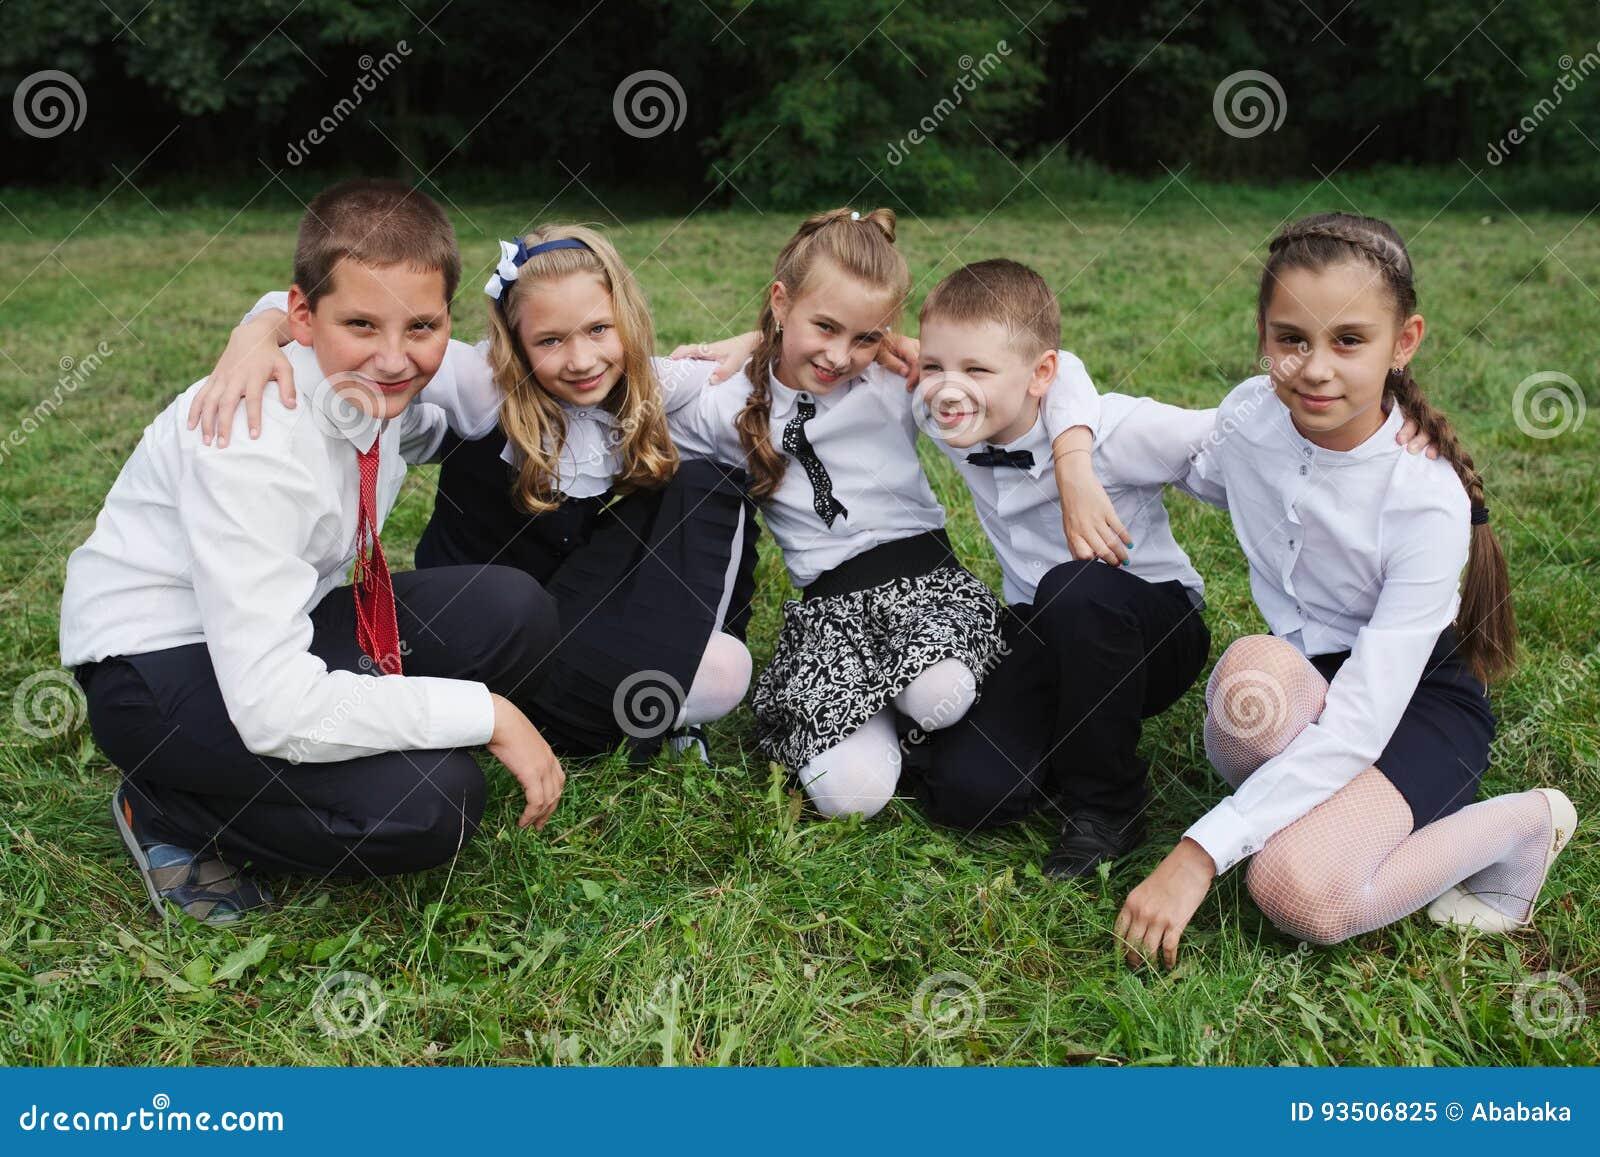 Jungen und Mädchen in der Uniform draußen